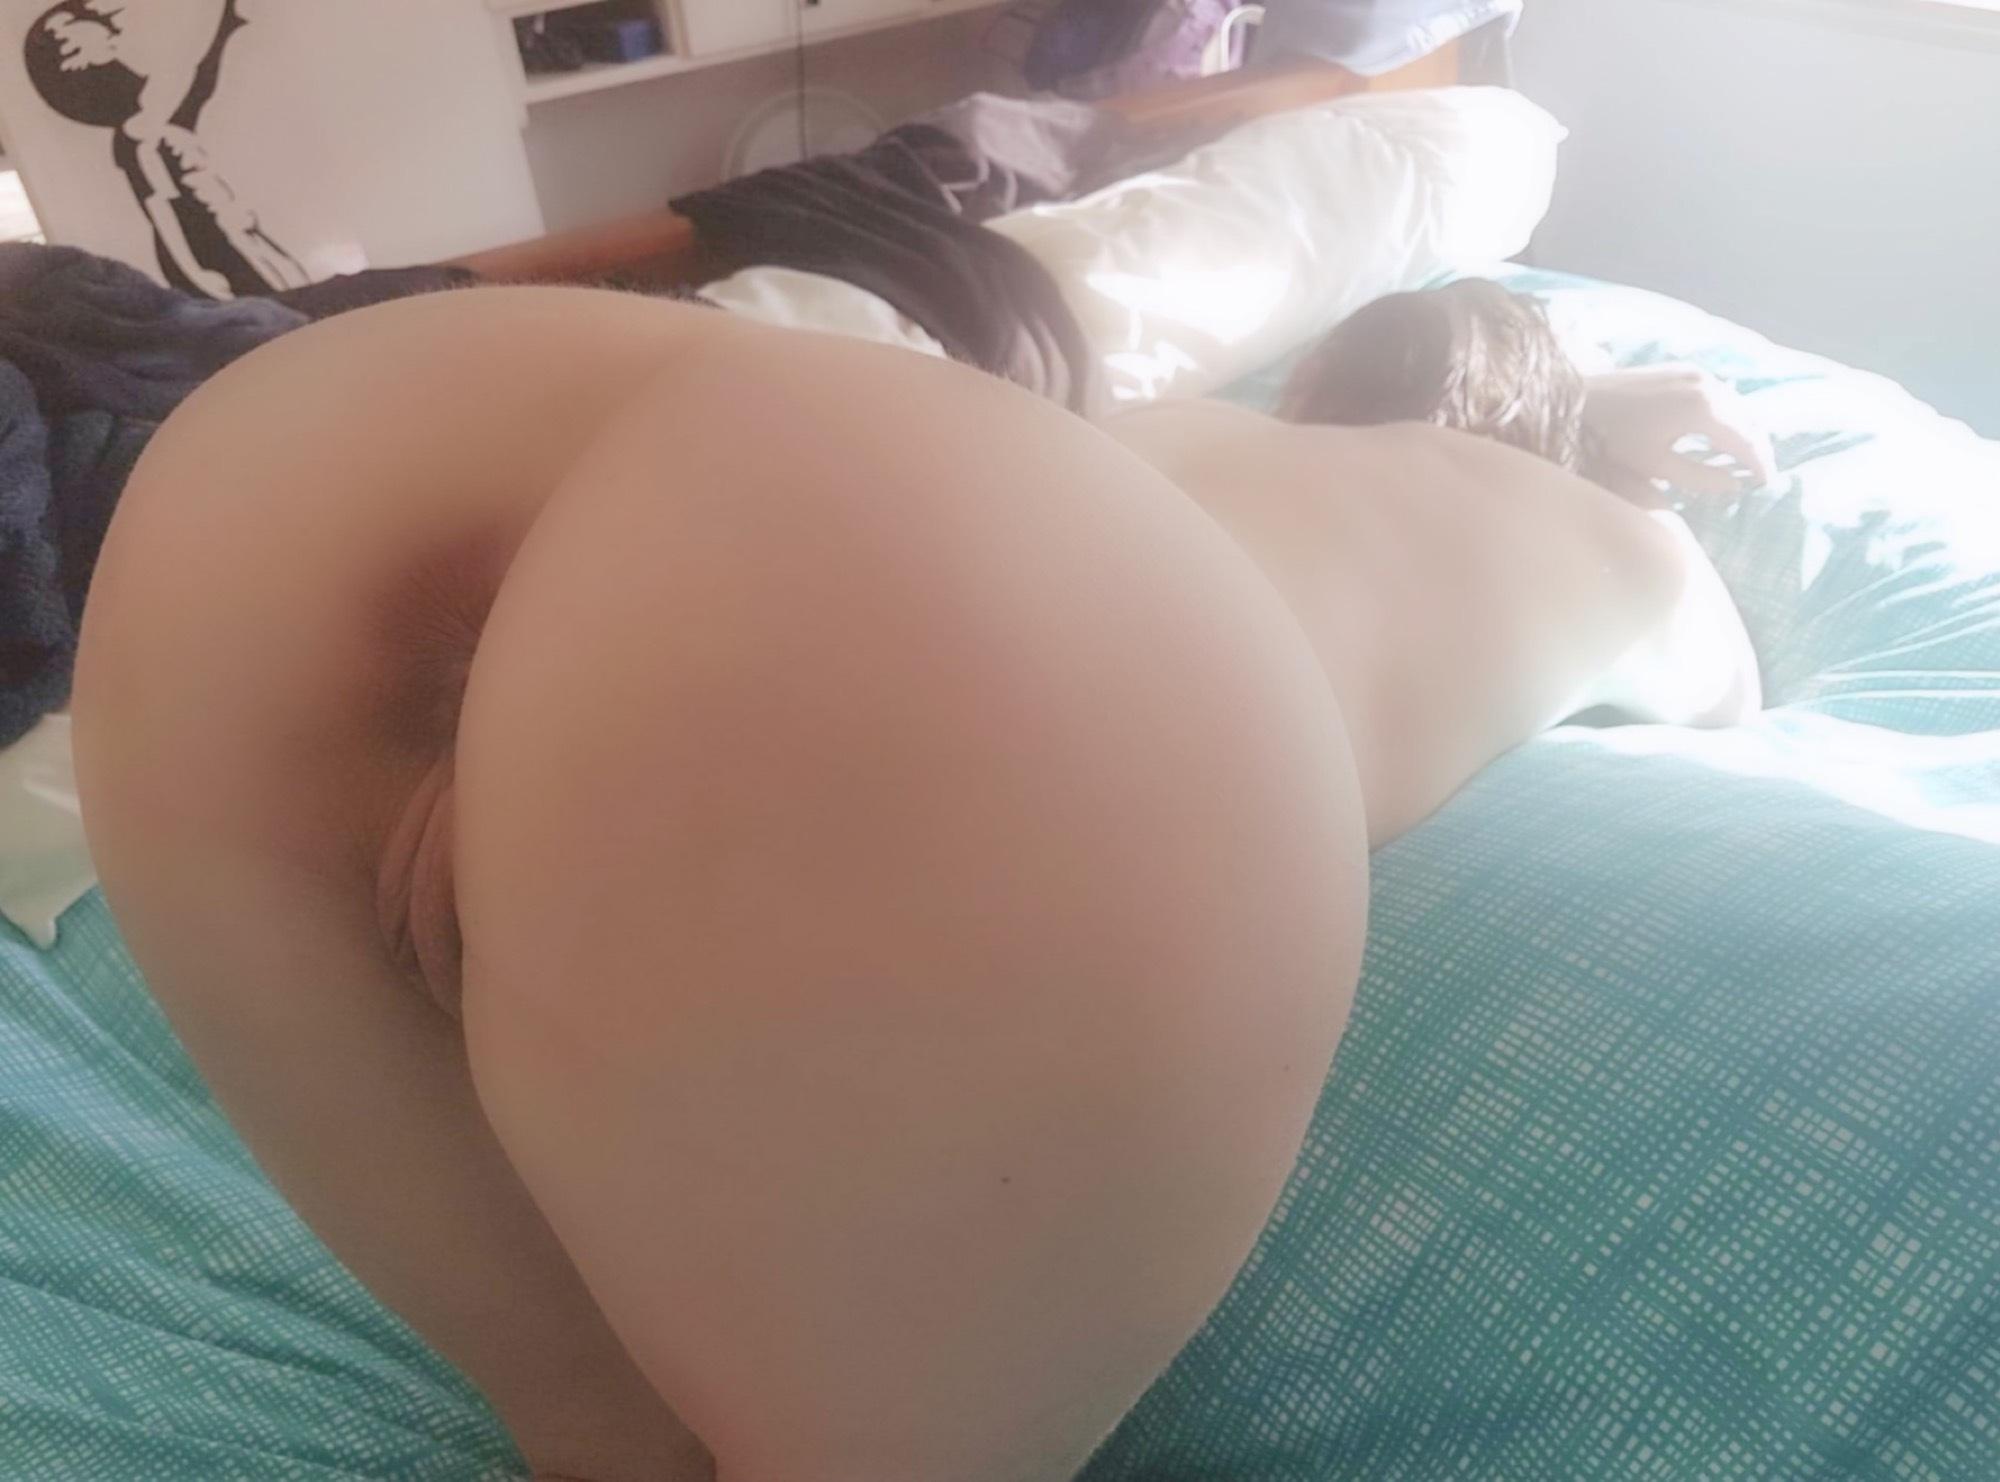 fotos xxx putas, imagenes chicas putas